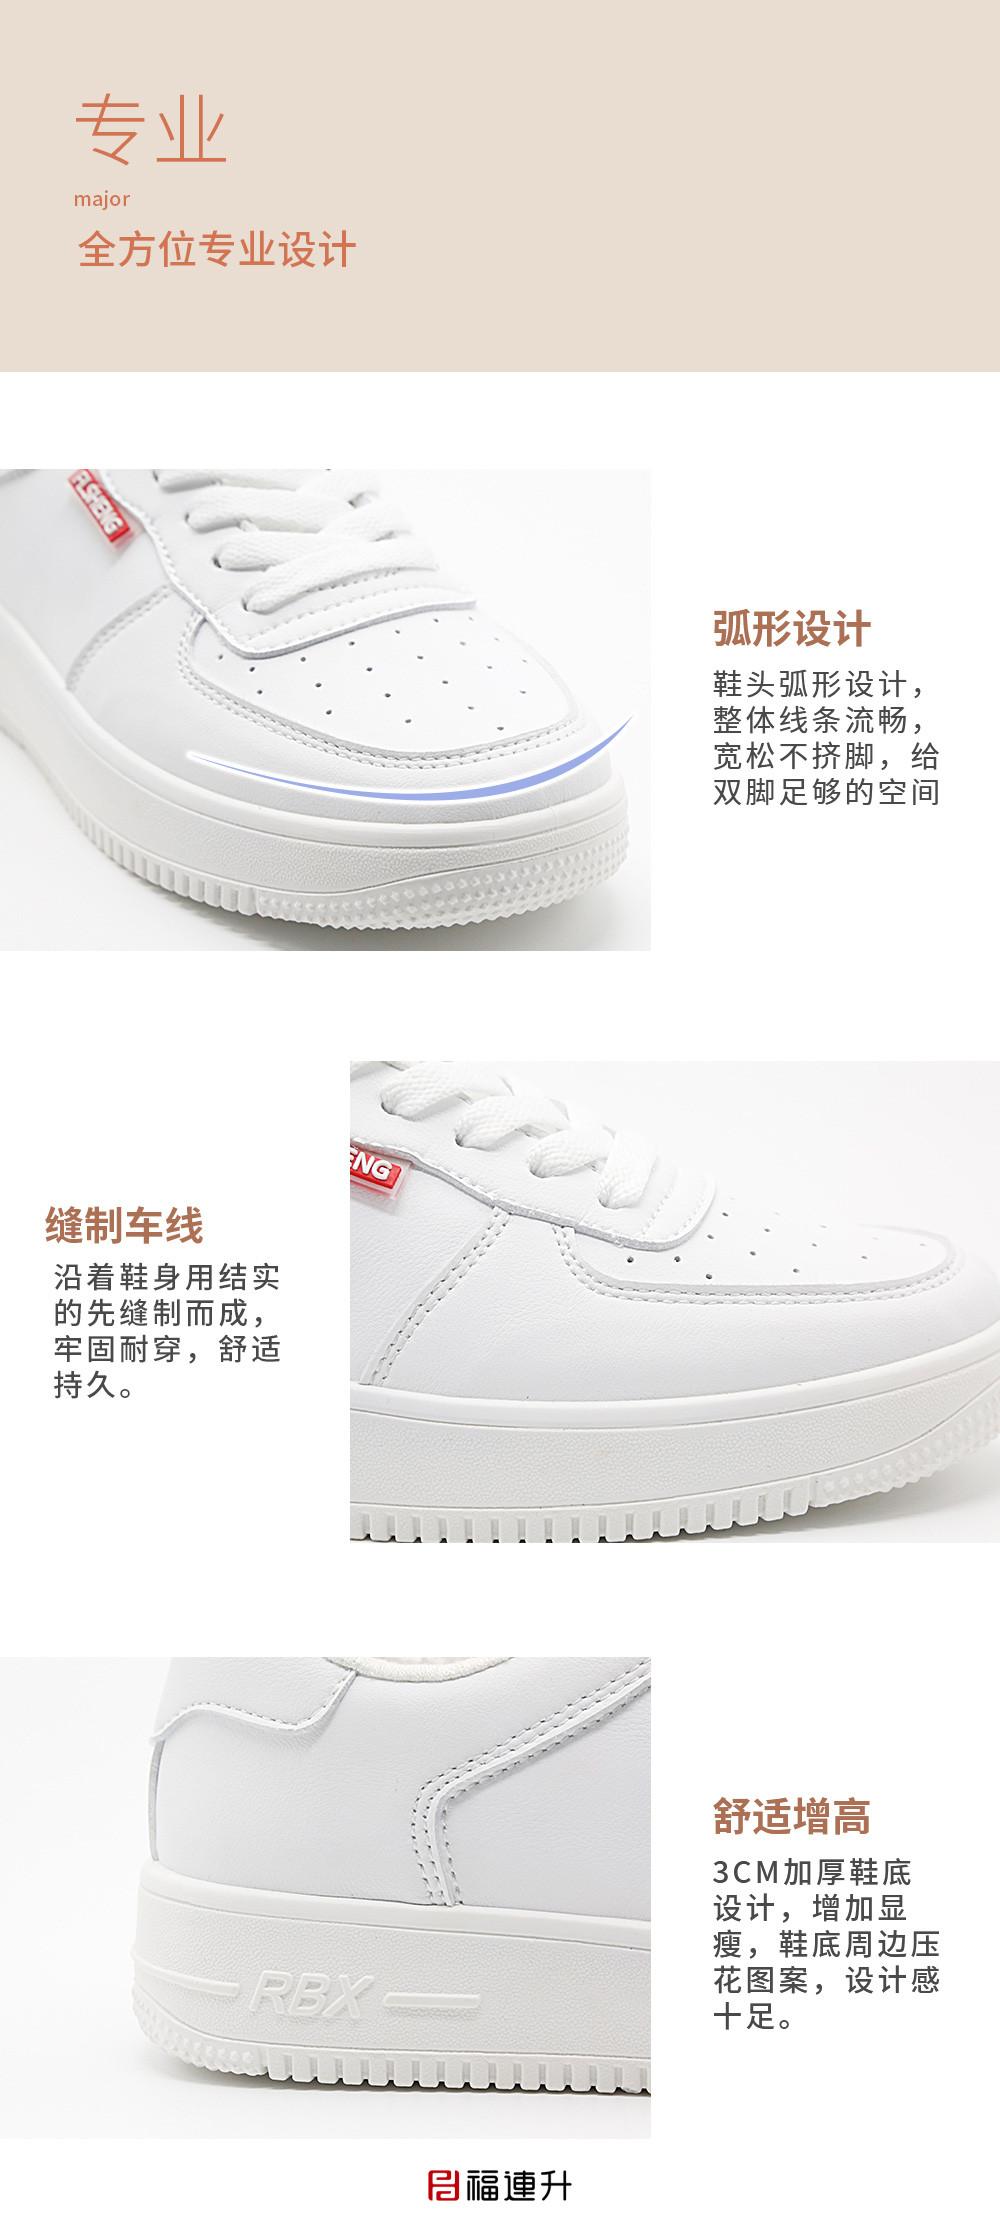 经典小白鞋板鞋白桔绿色男鞋休闲鞋滑板鞋棉麻舒适图片